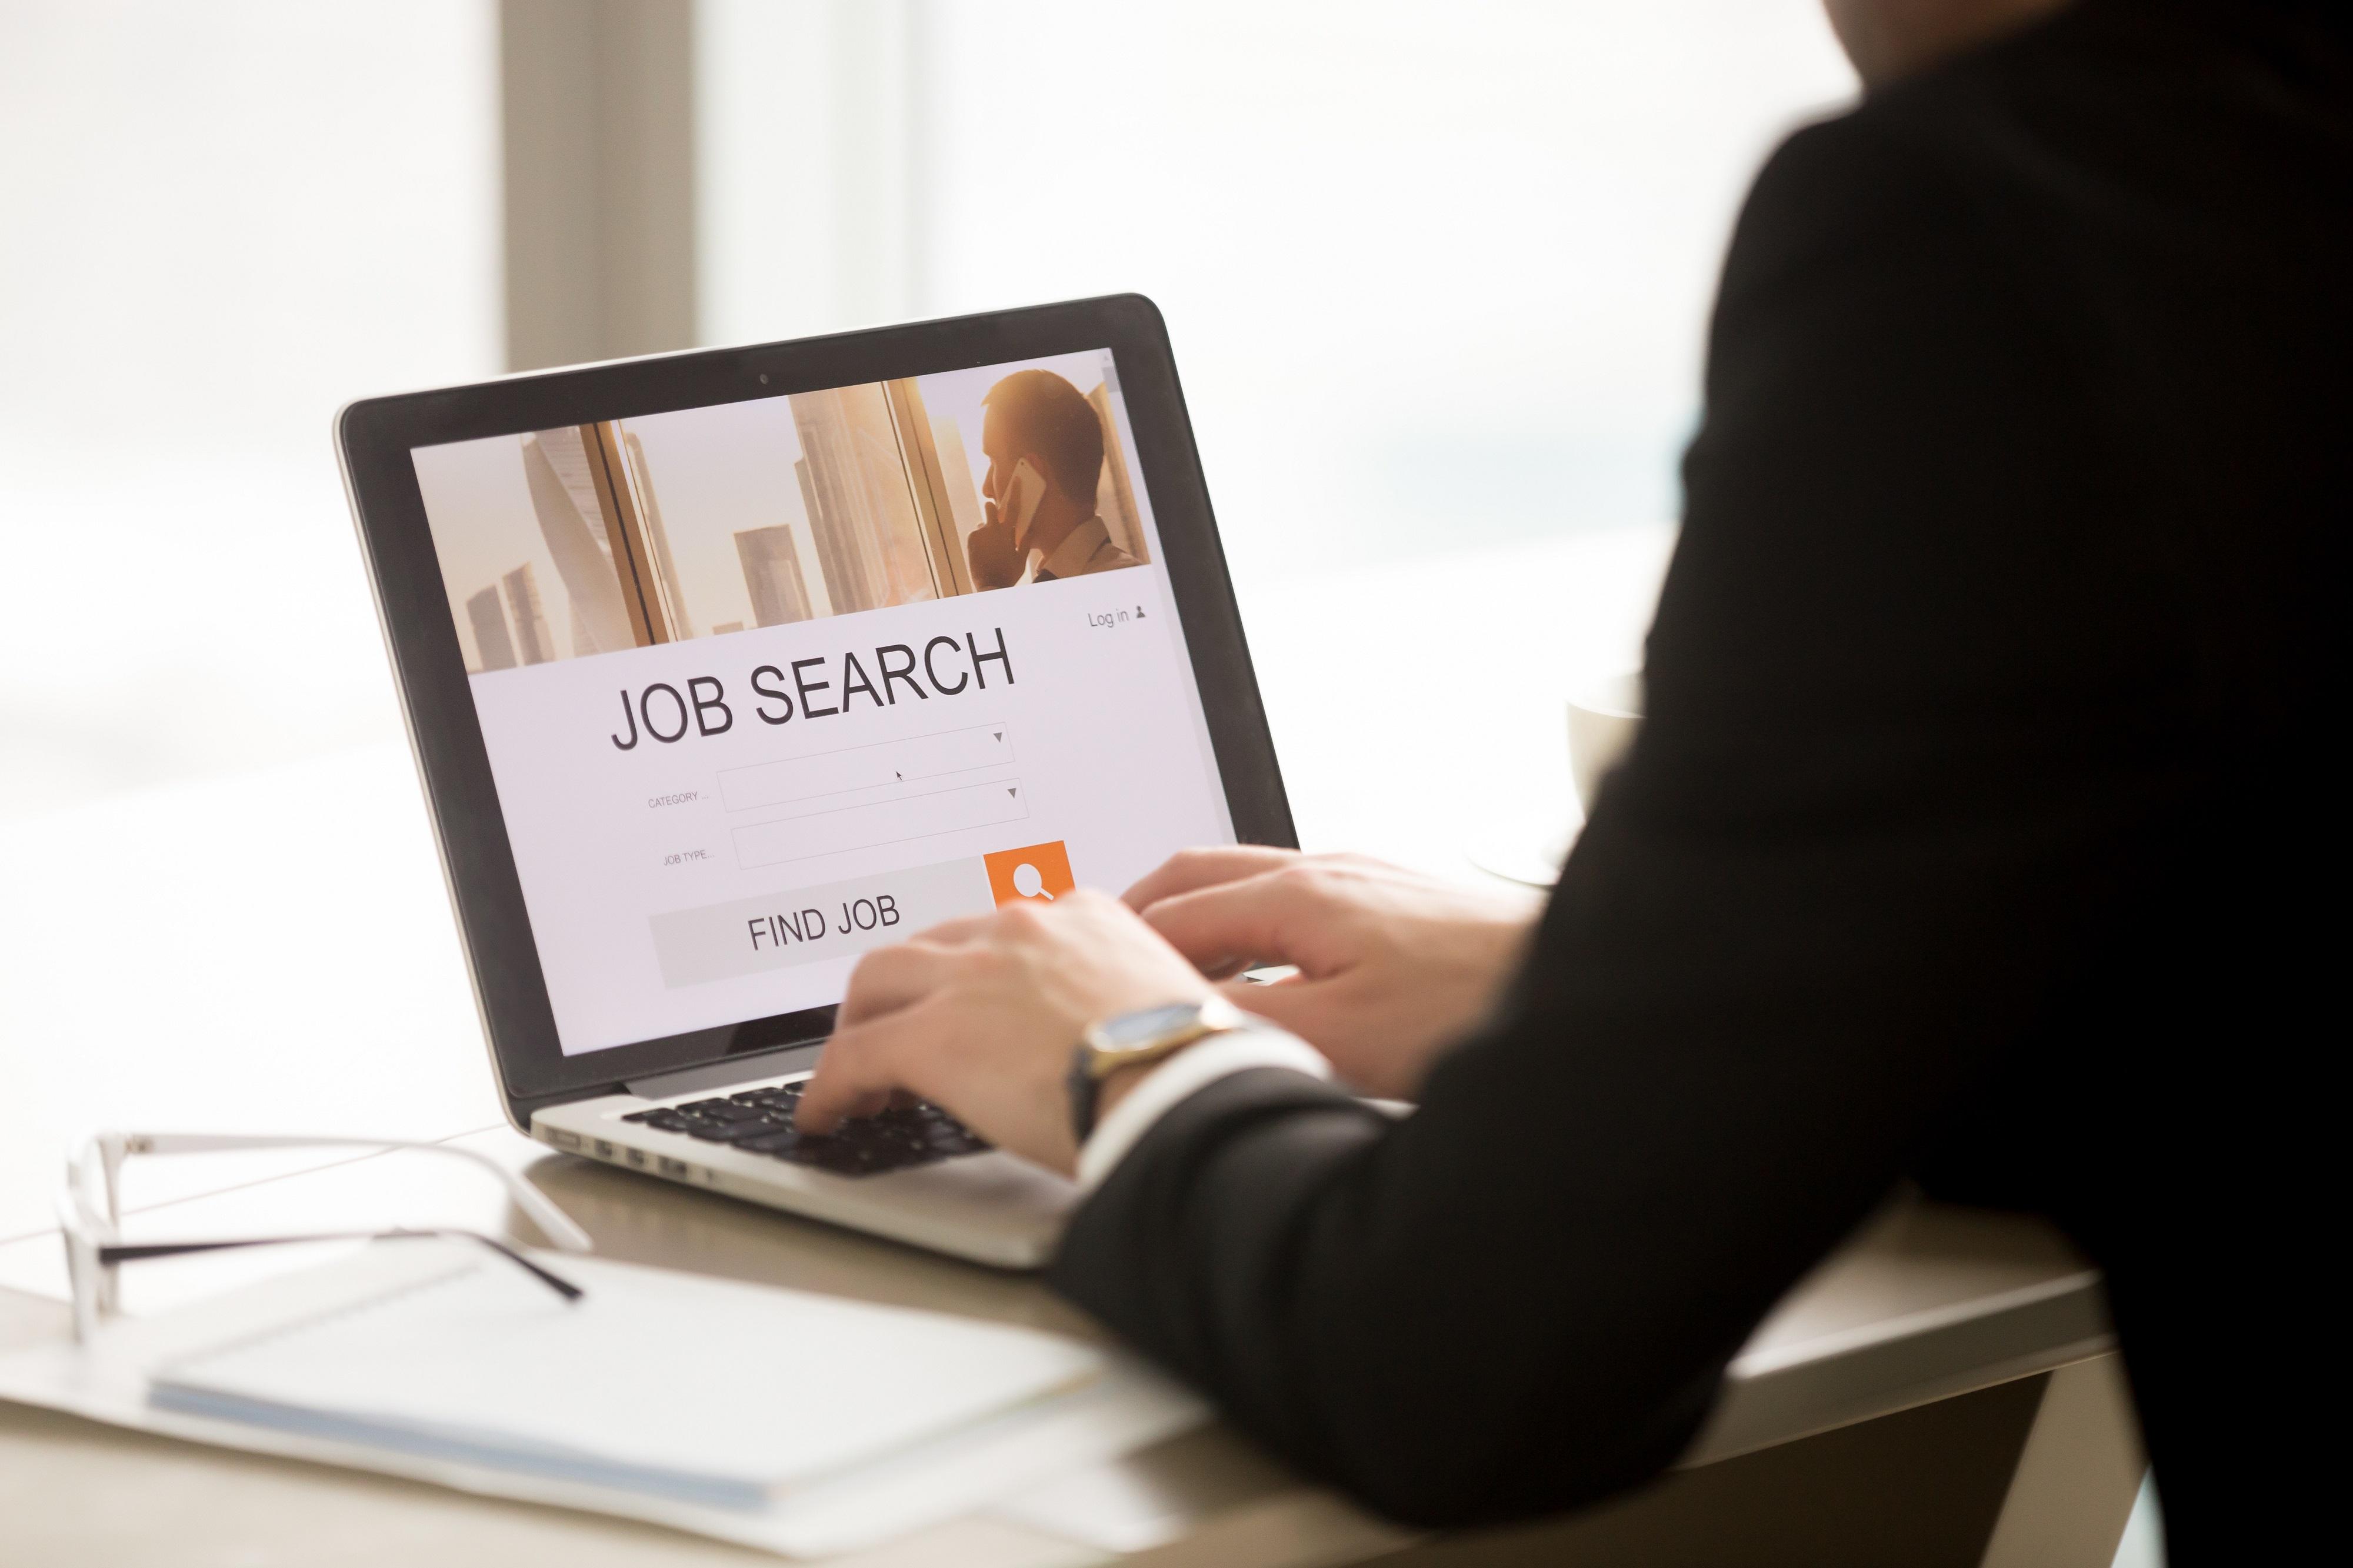 【中小企業採用】中小企業の採用が上手くいかない原因は?会社の魅力を求職者に伝える方法のサムネイル